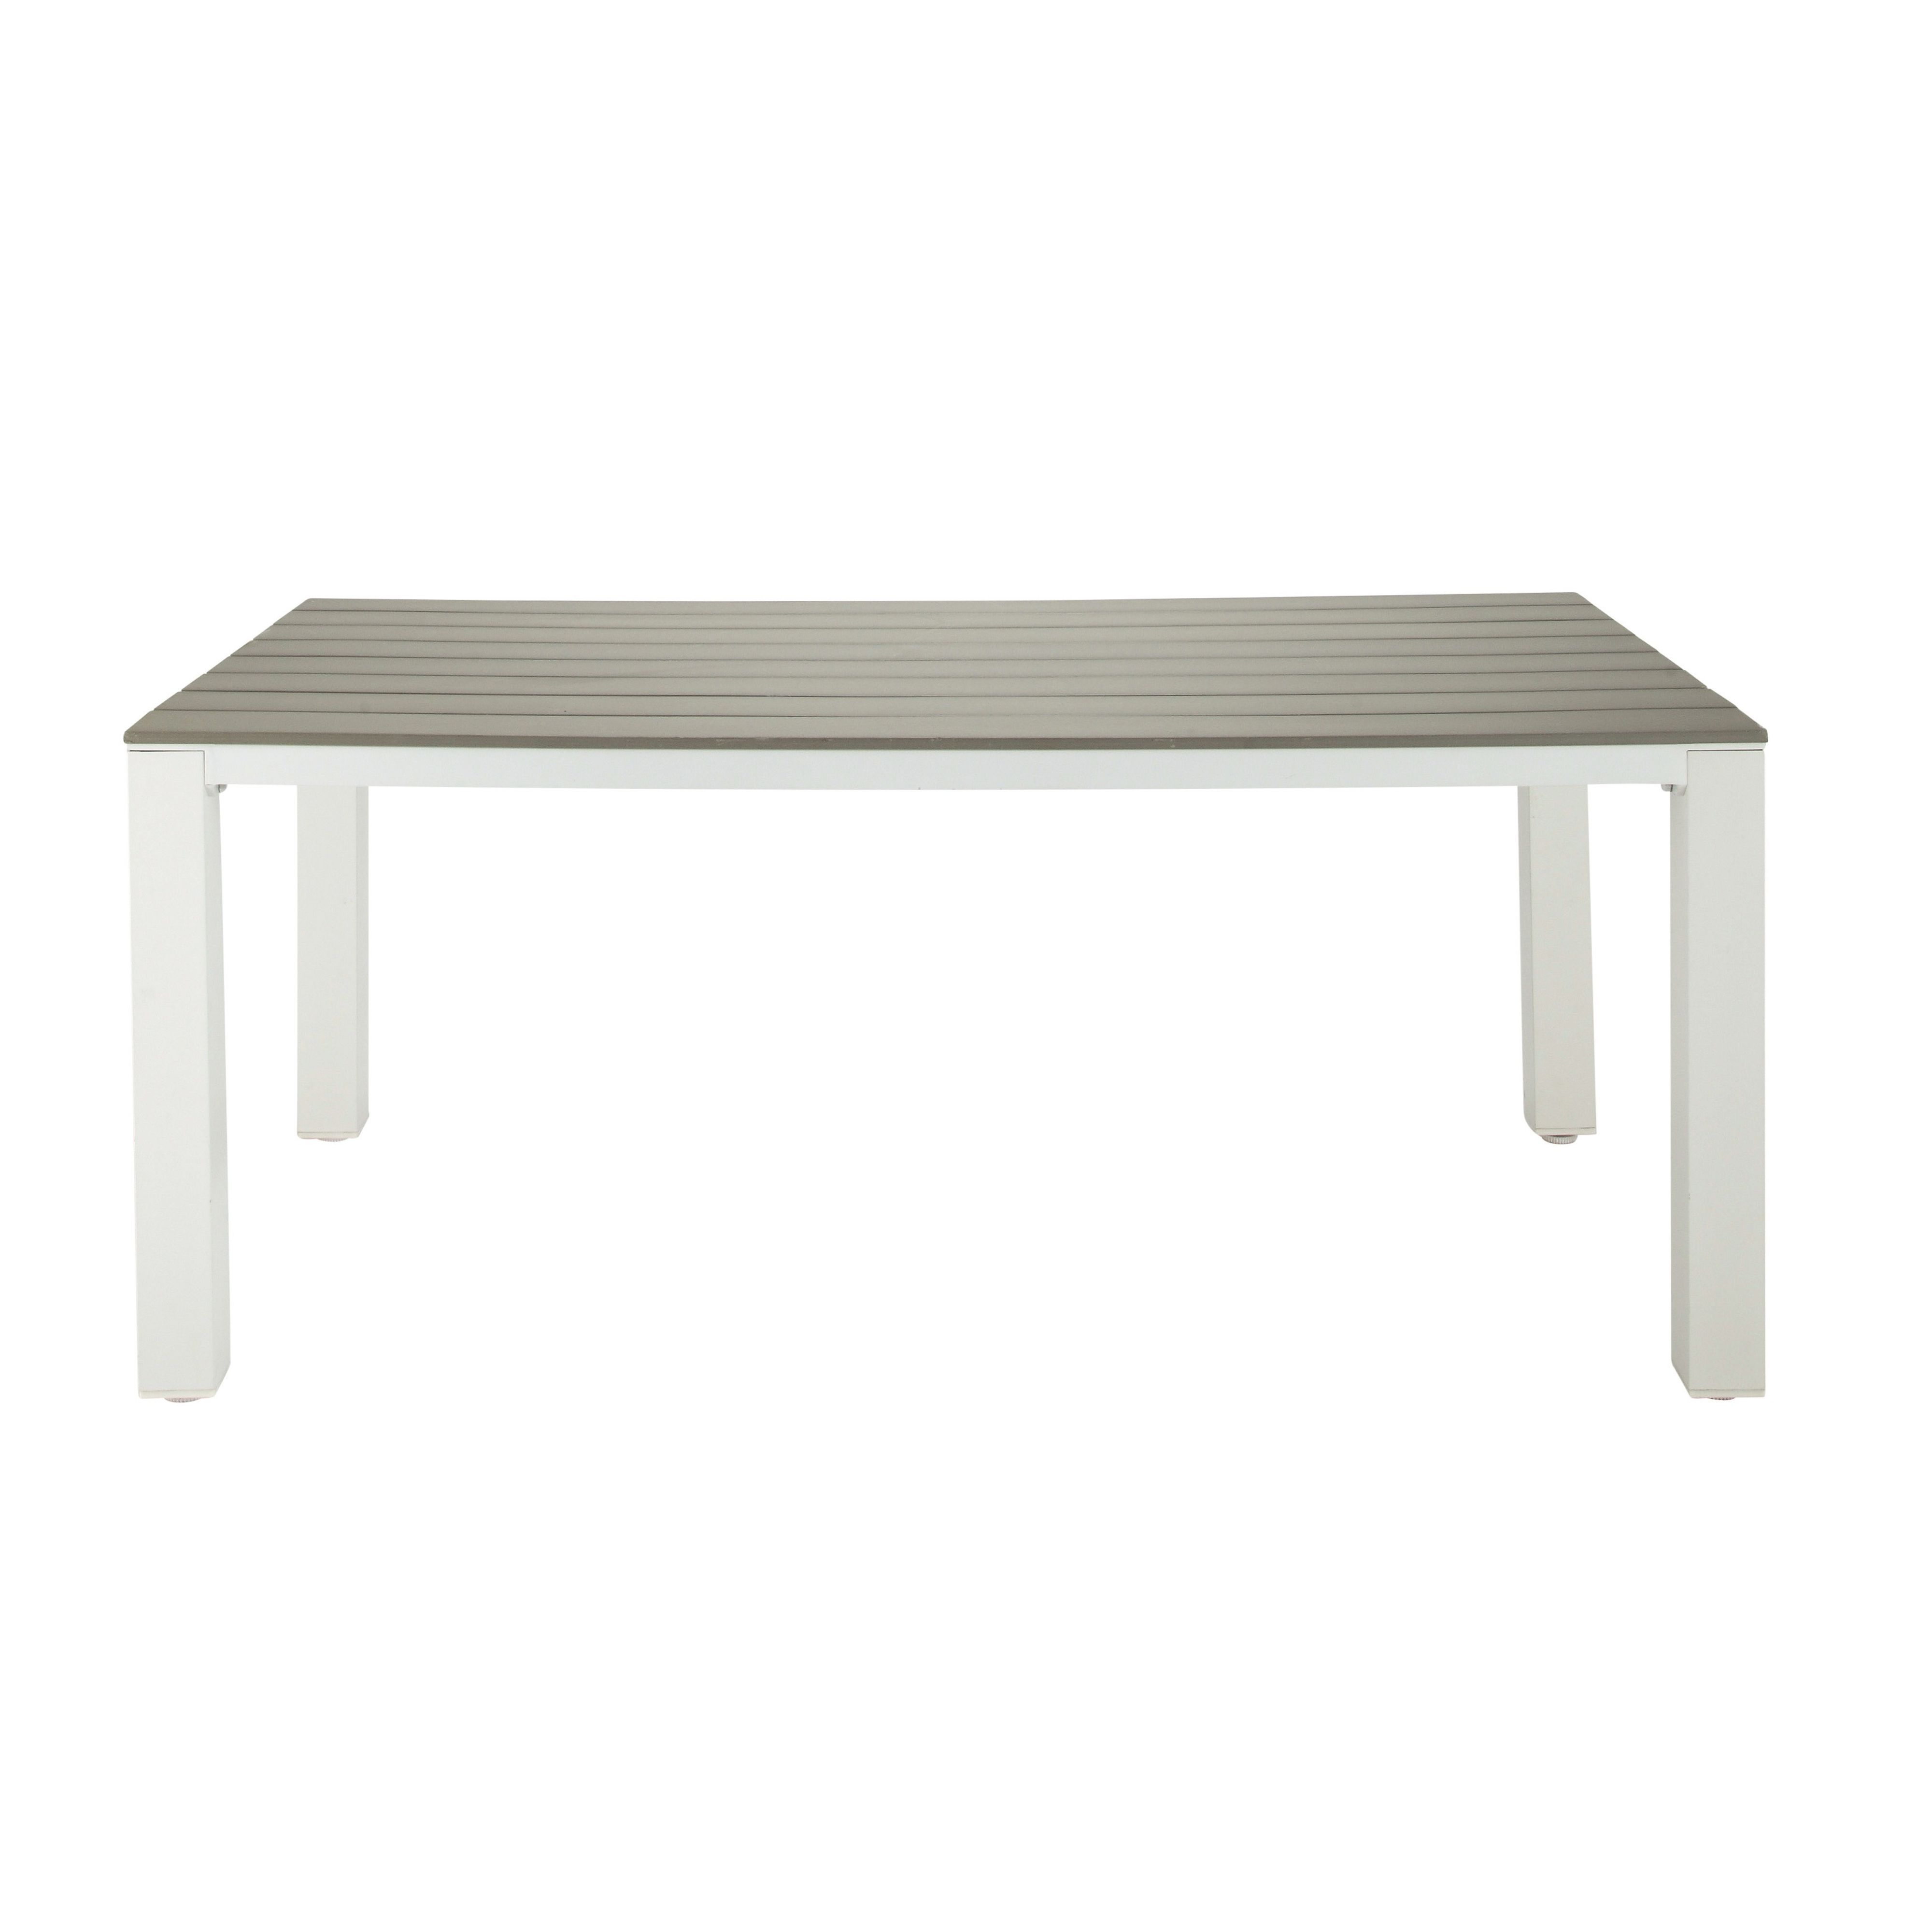 Table de jardin 6 personnes en aluminium et composite L180 ...